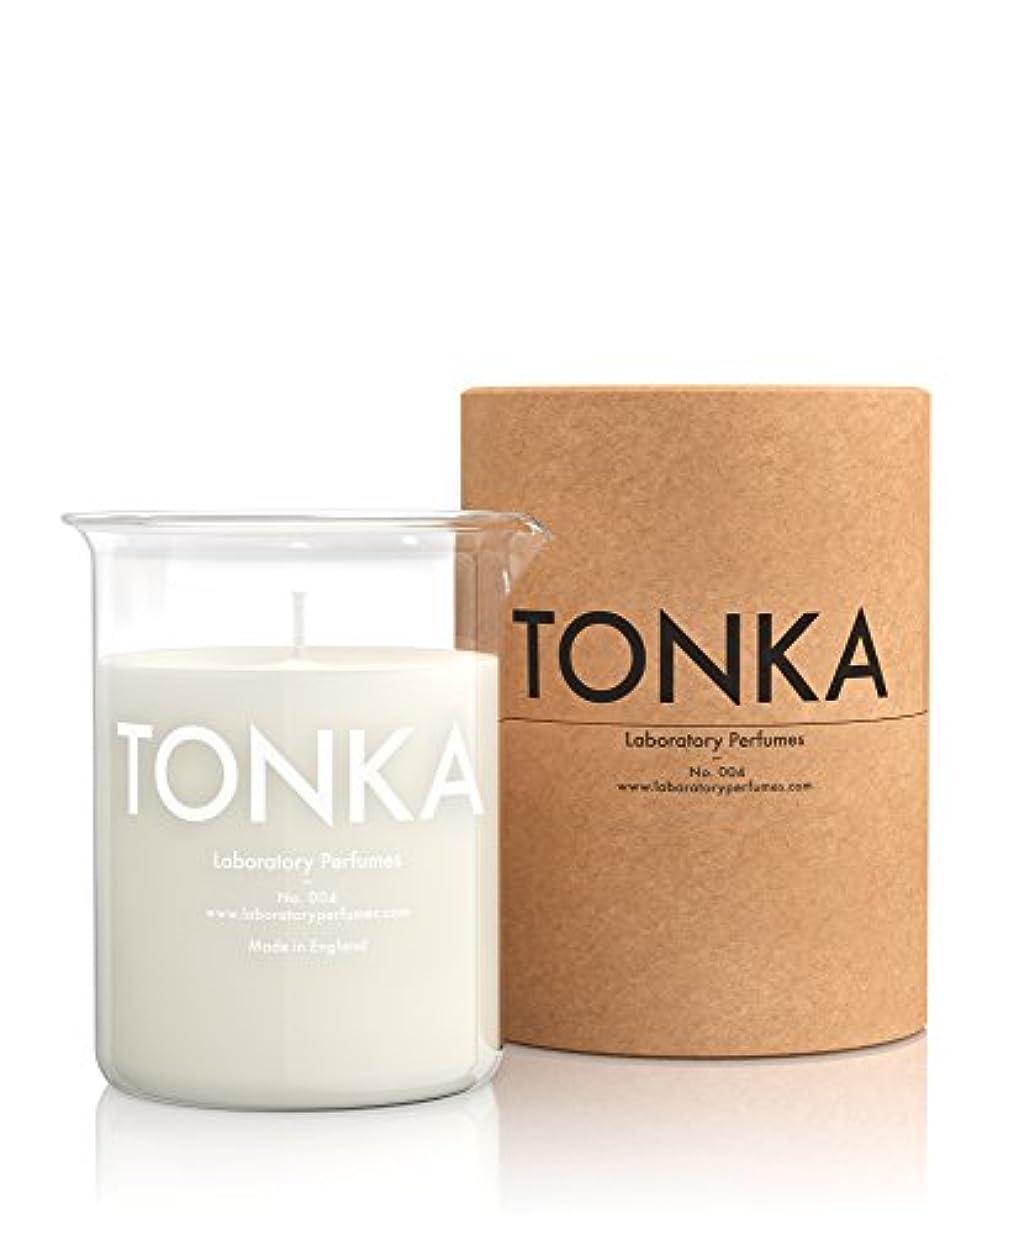 主観的ハプニング形式Labortory Perfumes キャンドル トンカ Tonka (アロマティックオリエンタル Aromatic Oriental) Candle ラボラトリー パフューム